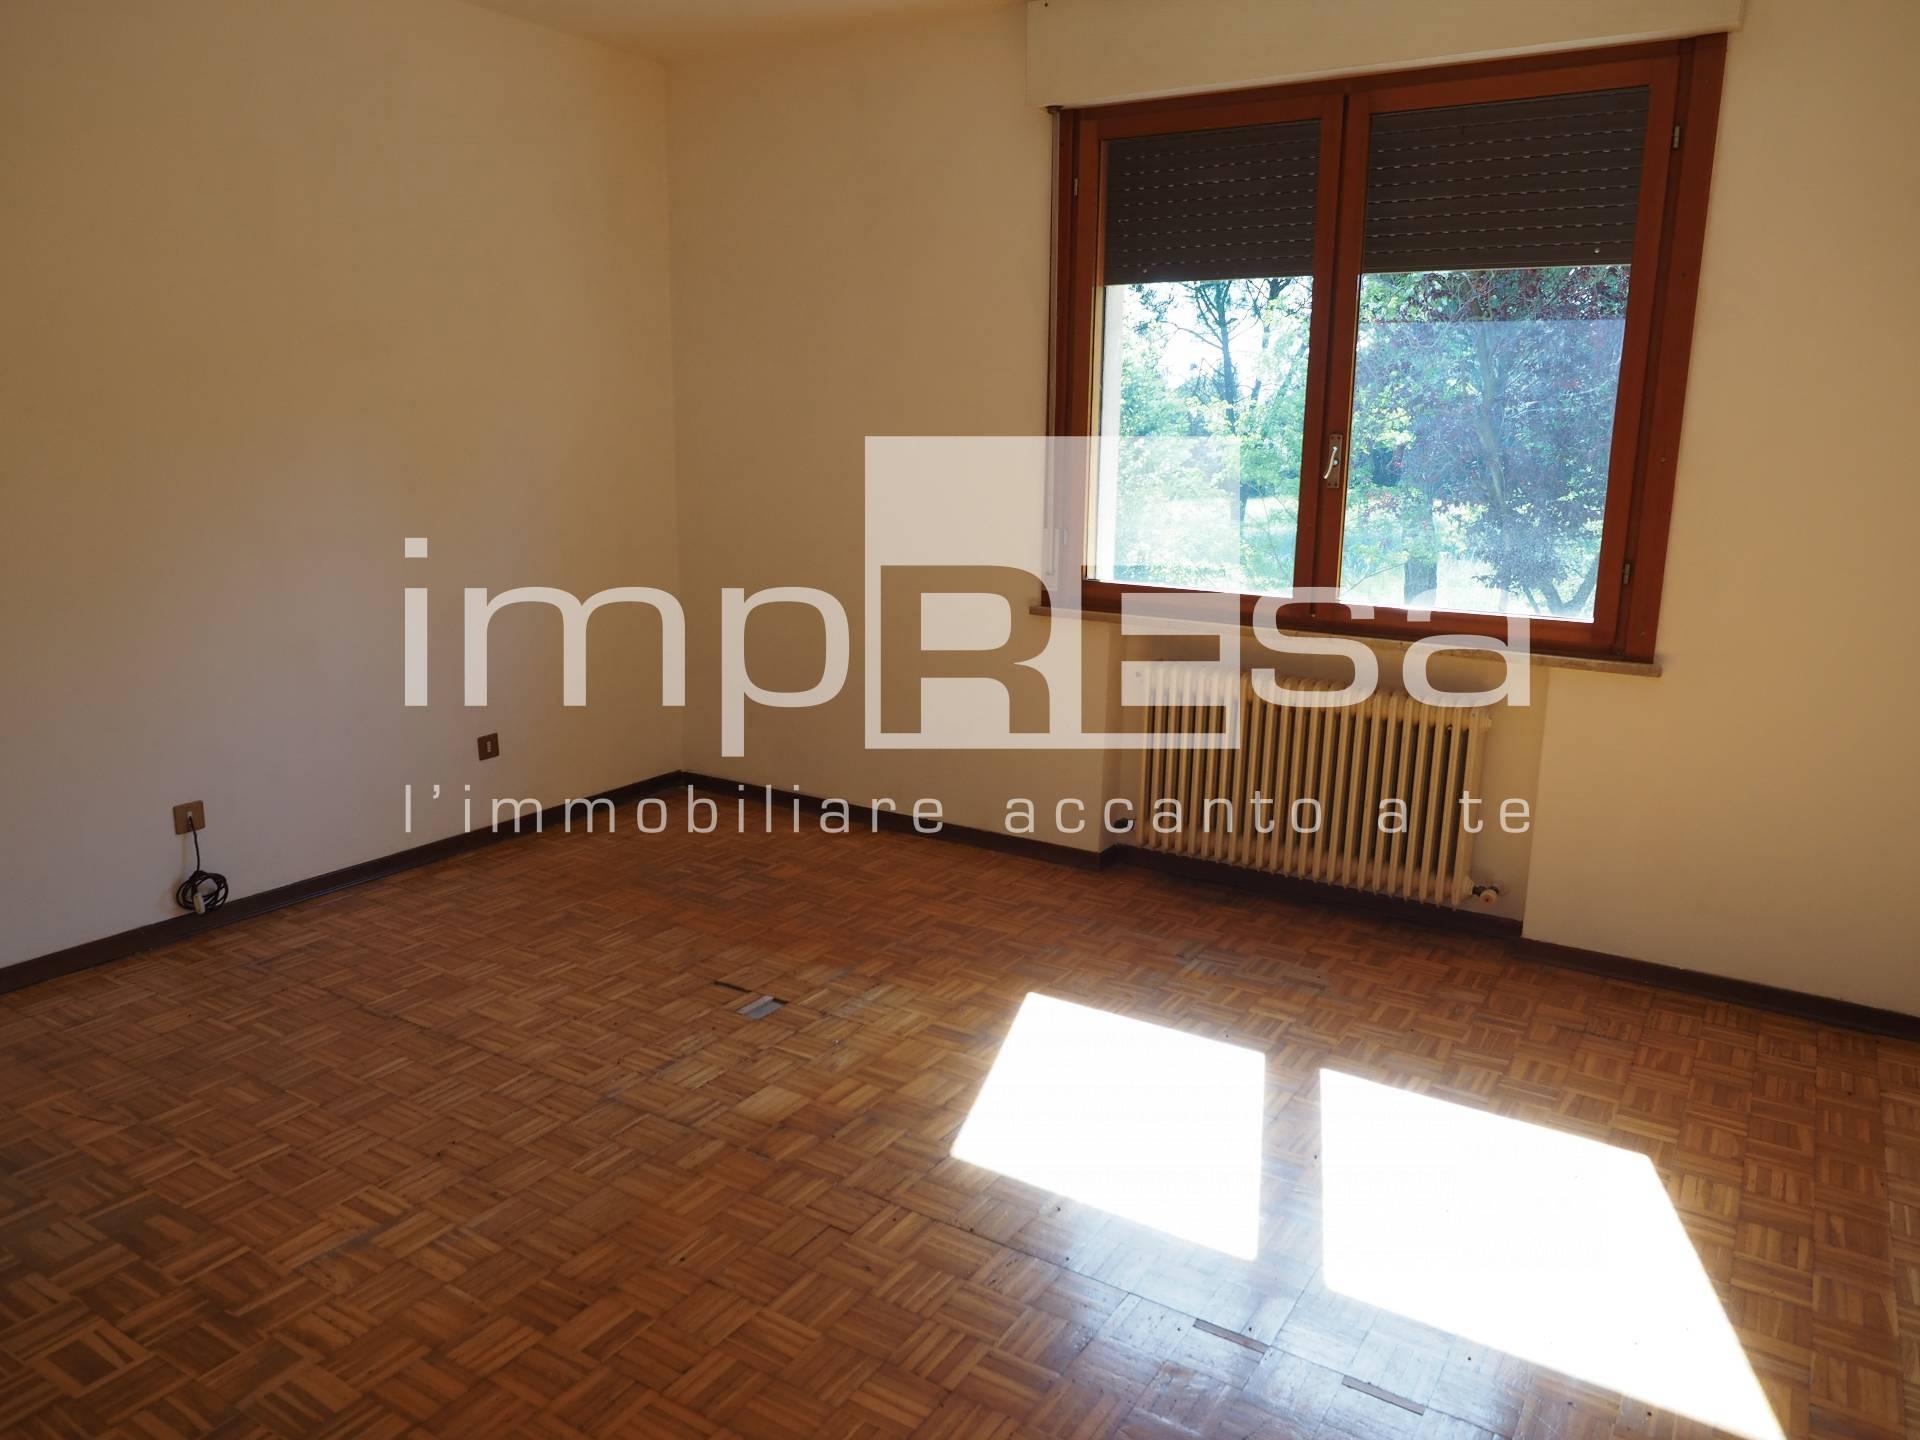 Appartamento in vendita a Breda di Piave, 5 locali, zona Località: Breda, prezzo € 70.000   CambioCasa.it